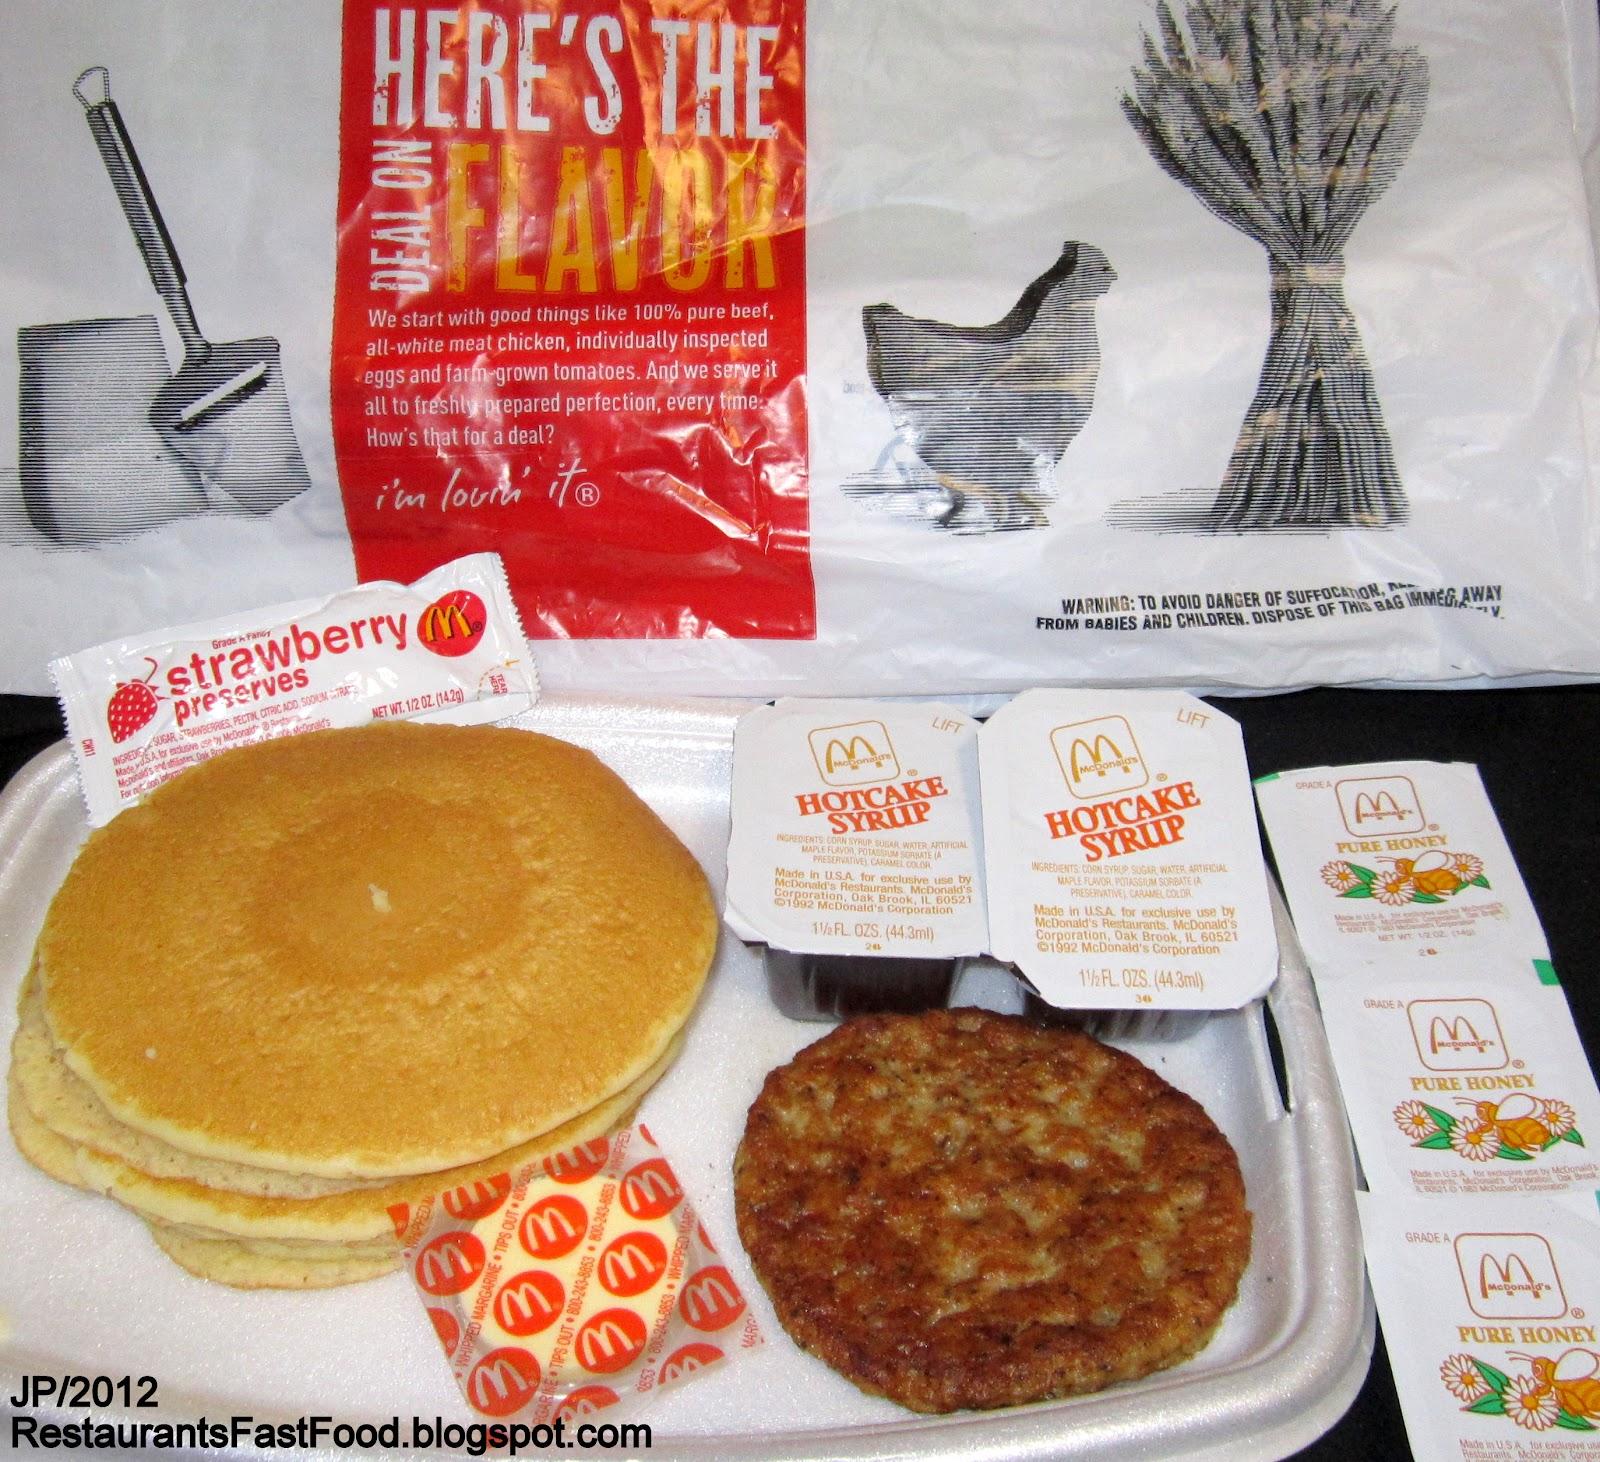 Restaurant Fast Food Menu McDonald's DQ BK Hamburger Pizza Mexican ...